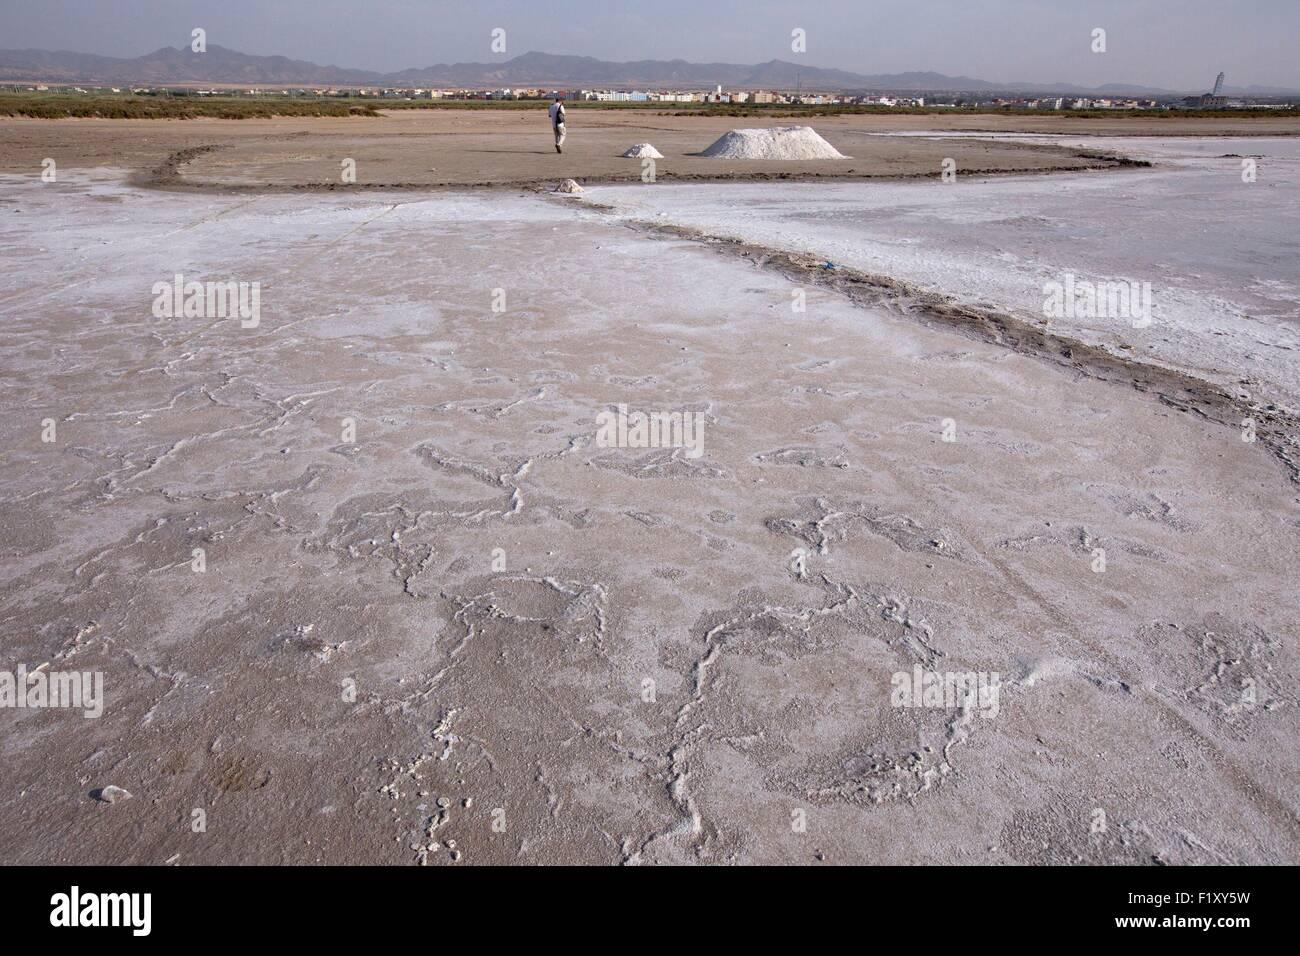 Morocco, Nador Lagoon, Saline - Stock Image